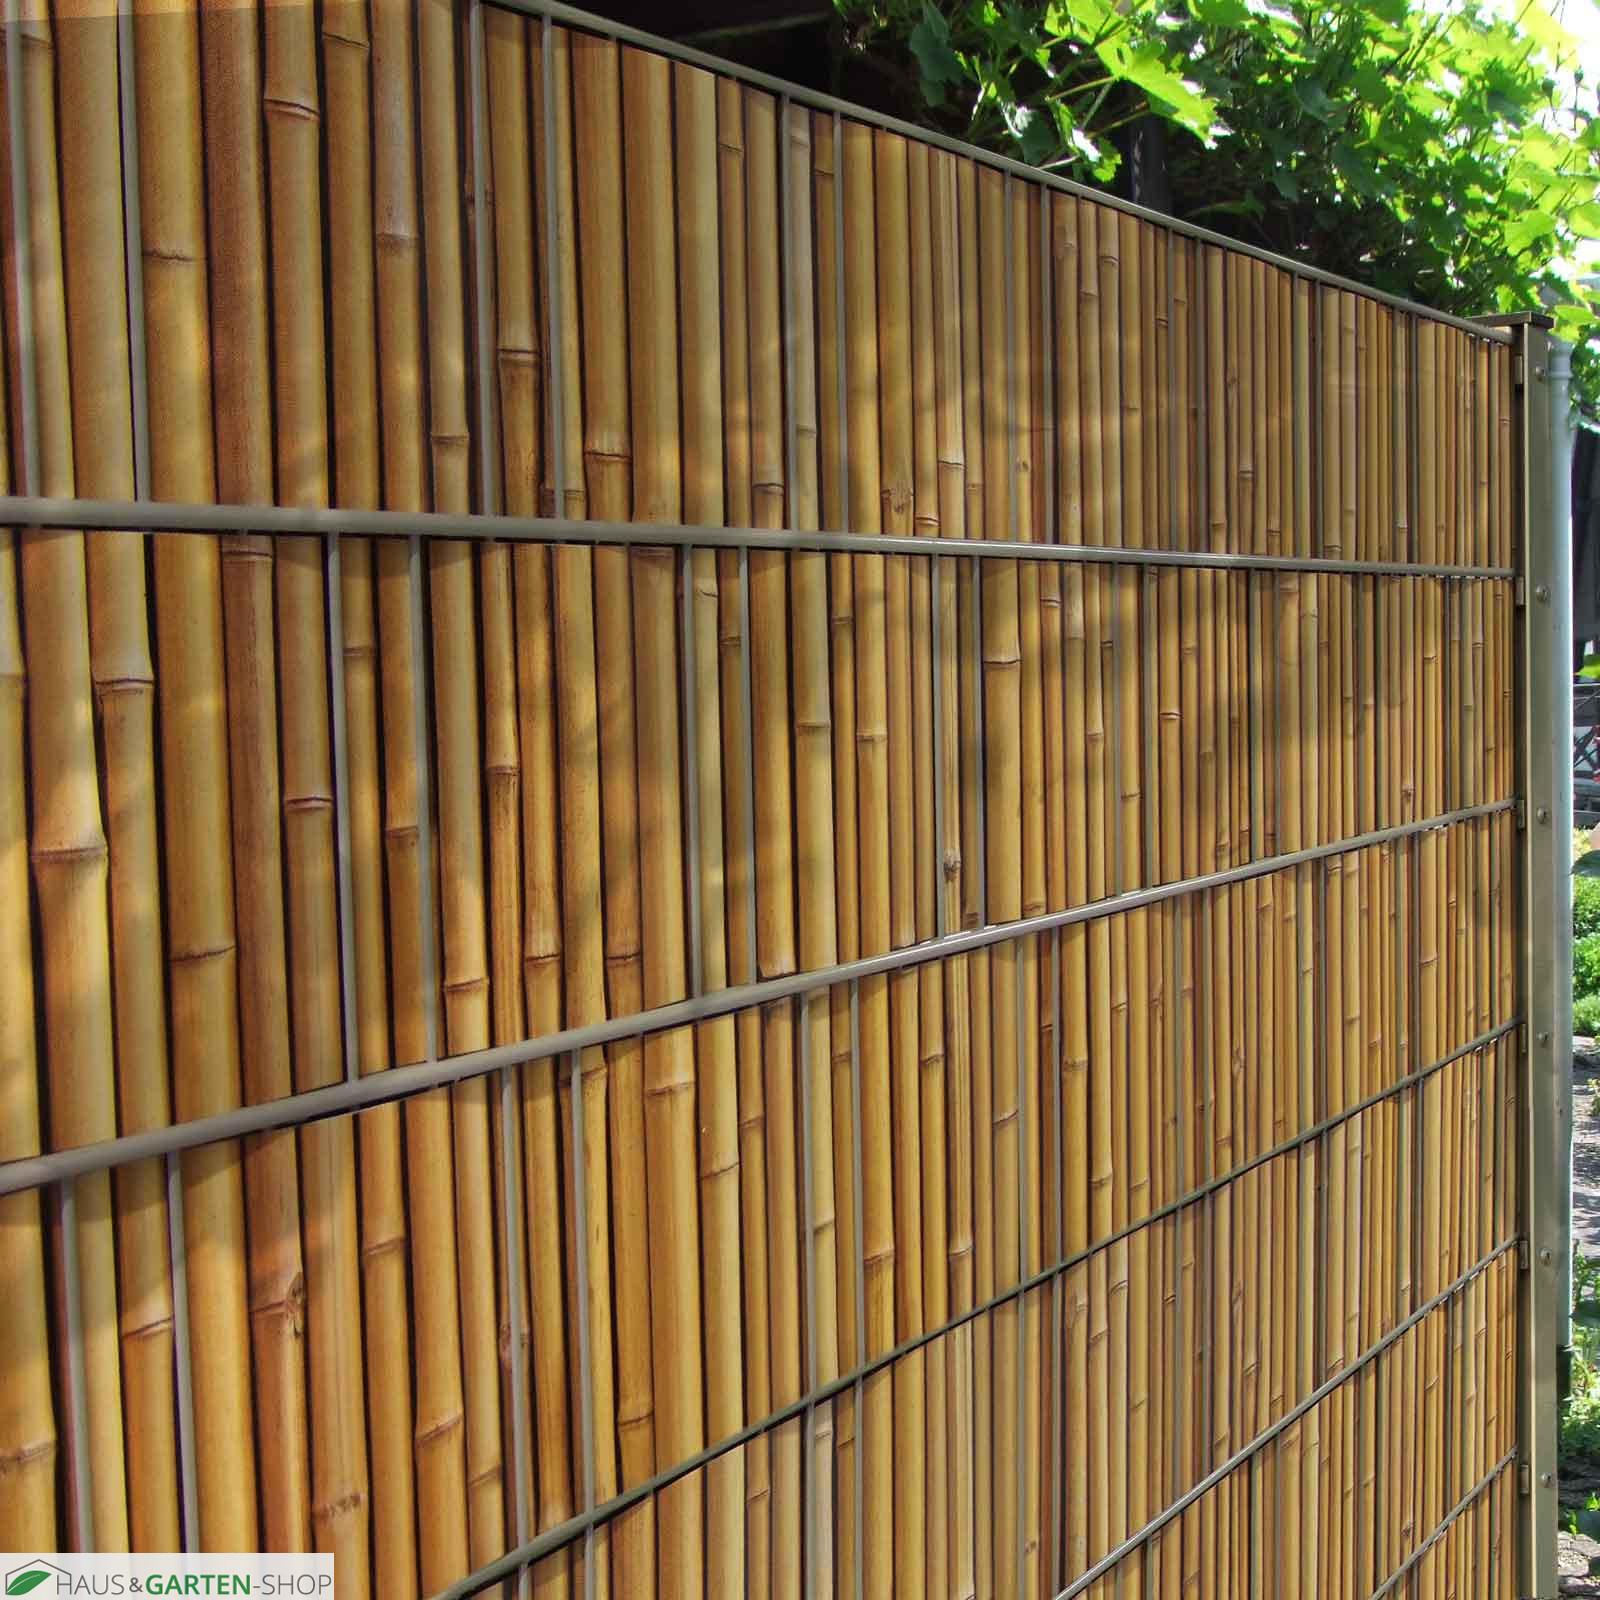 Full Size of Print Sichtschutzstreifen Aus M Tec Profi Line Qualitt Holzhaus Garten Versicherung Aufbewahrungsbox Gartenüberdachung Pergola Eckbank Gewächshaus Und Wohnzimmer Bambus Paravent Garten